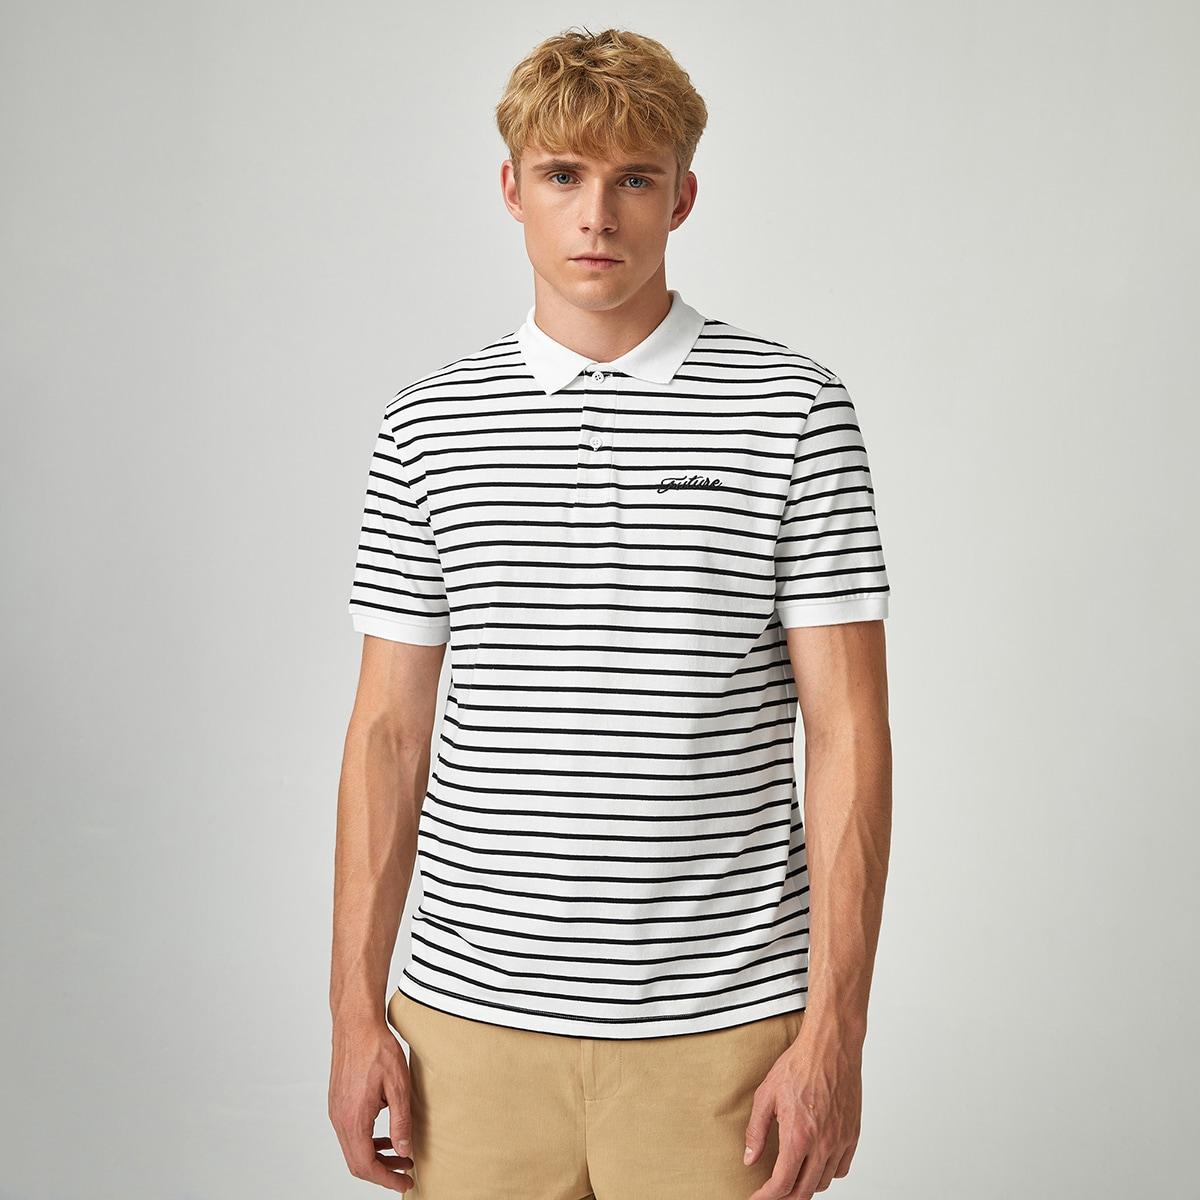 Вышивка Полосатый Повседневный Мужская рубашка-поло по цене 637